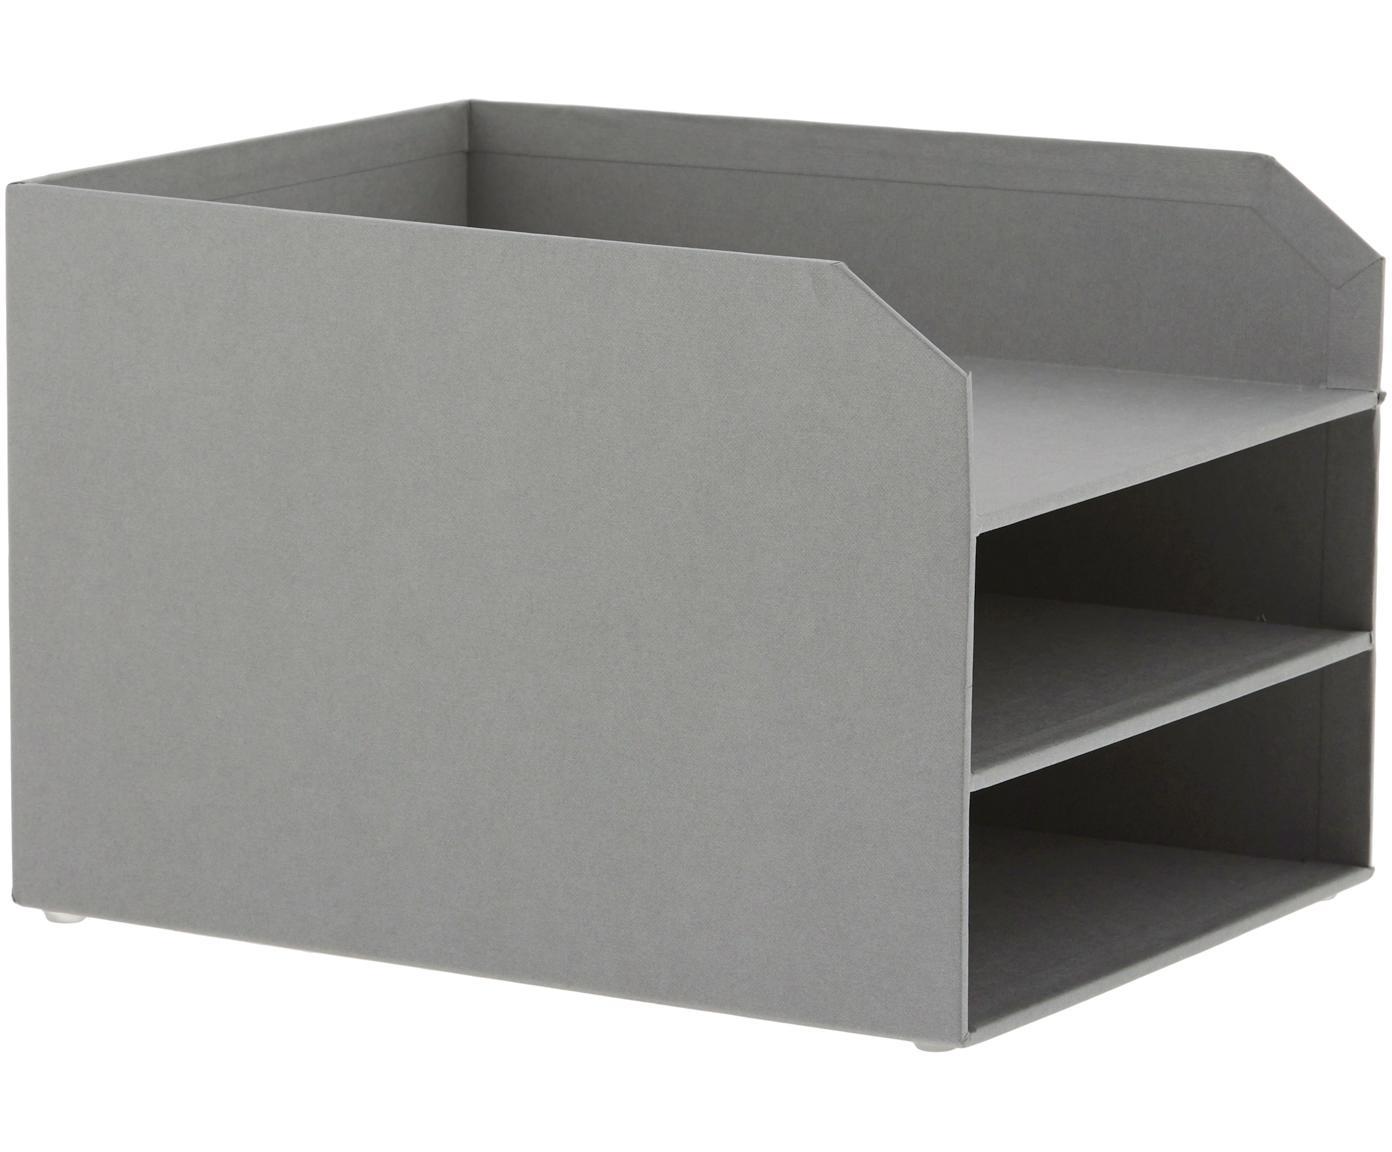 Documentenhouder Trey, Massief, gelamineerd karton, Grijs, 23 x 21 cm